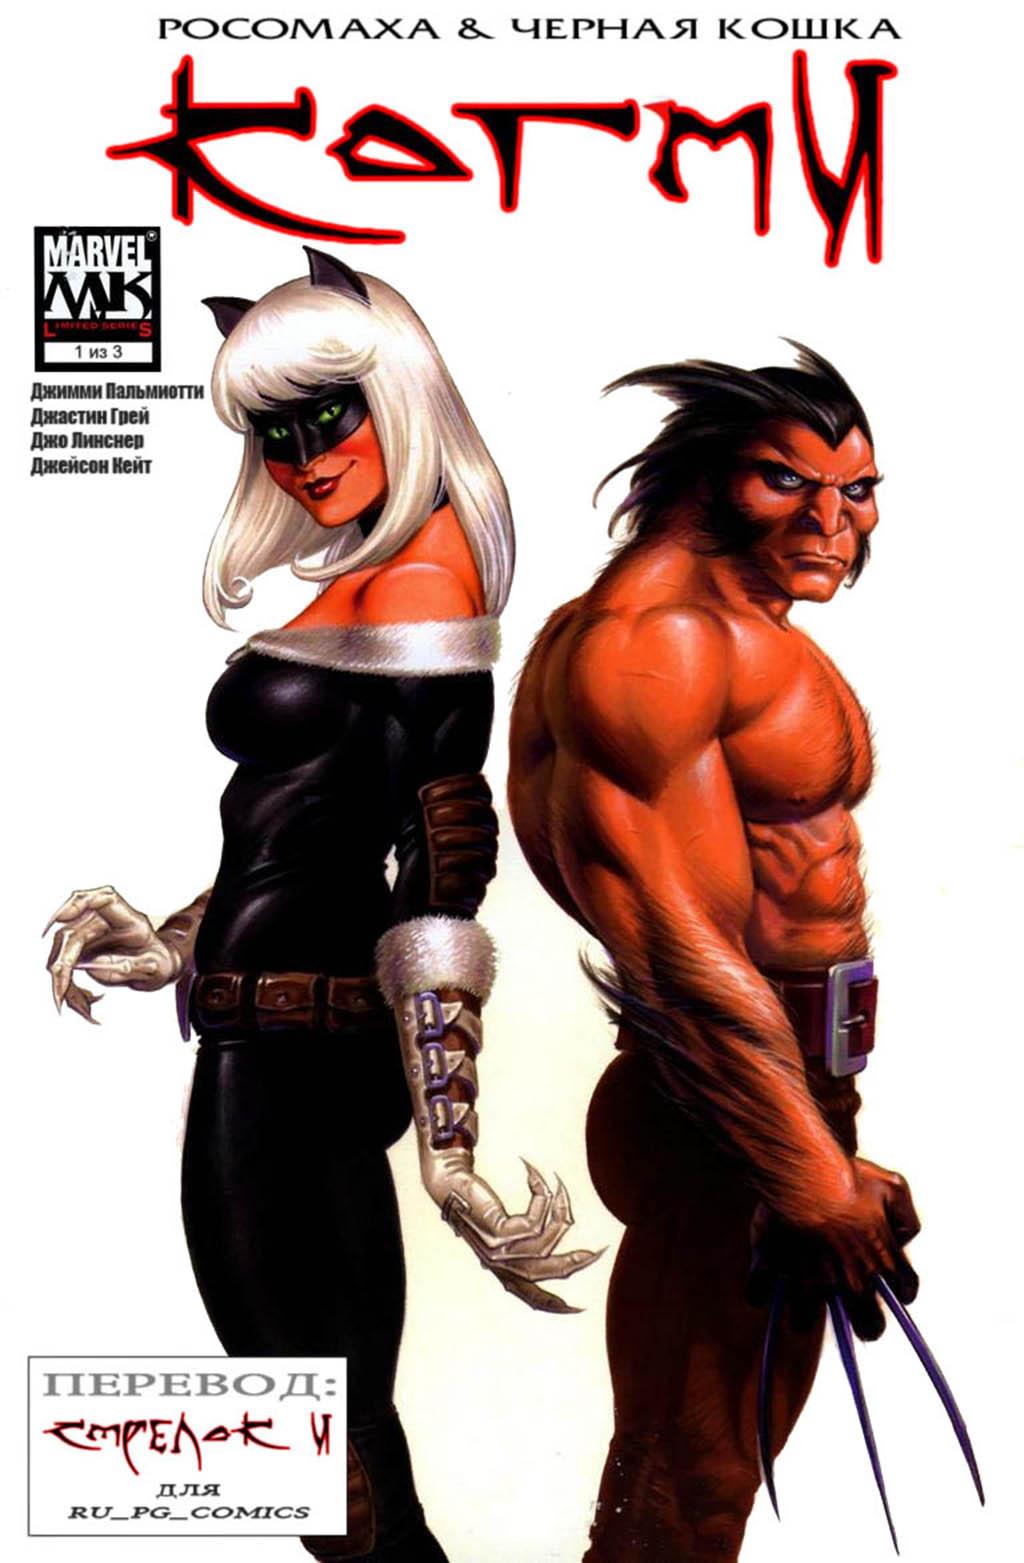 Комикс Росомаха и Черная Кошка: Когти